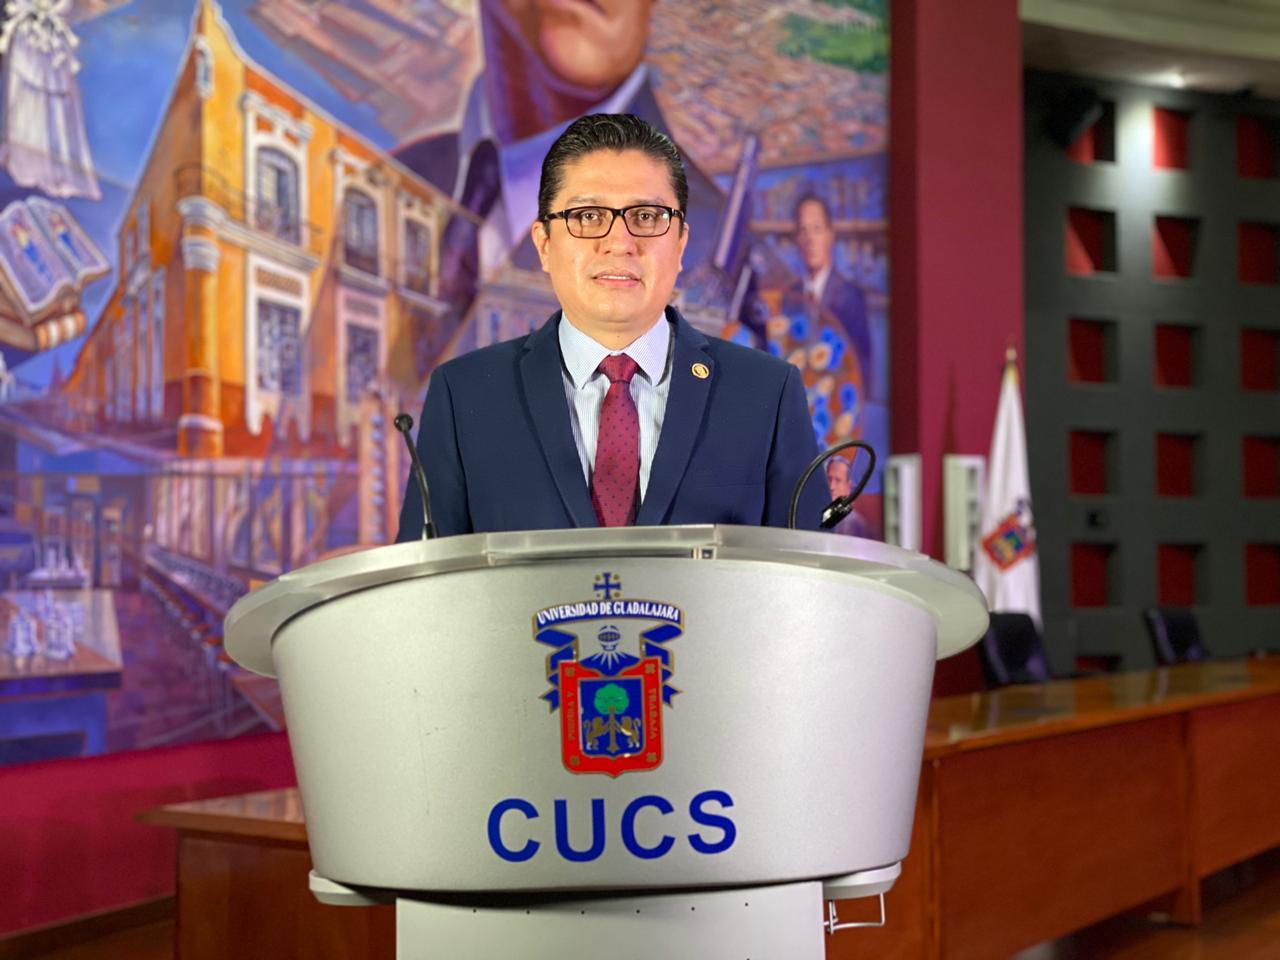 Rector CUCS, al micrófono en el pódium ofreciendo mensaje virutal de bienvenida